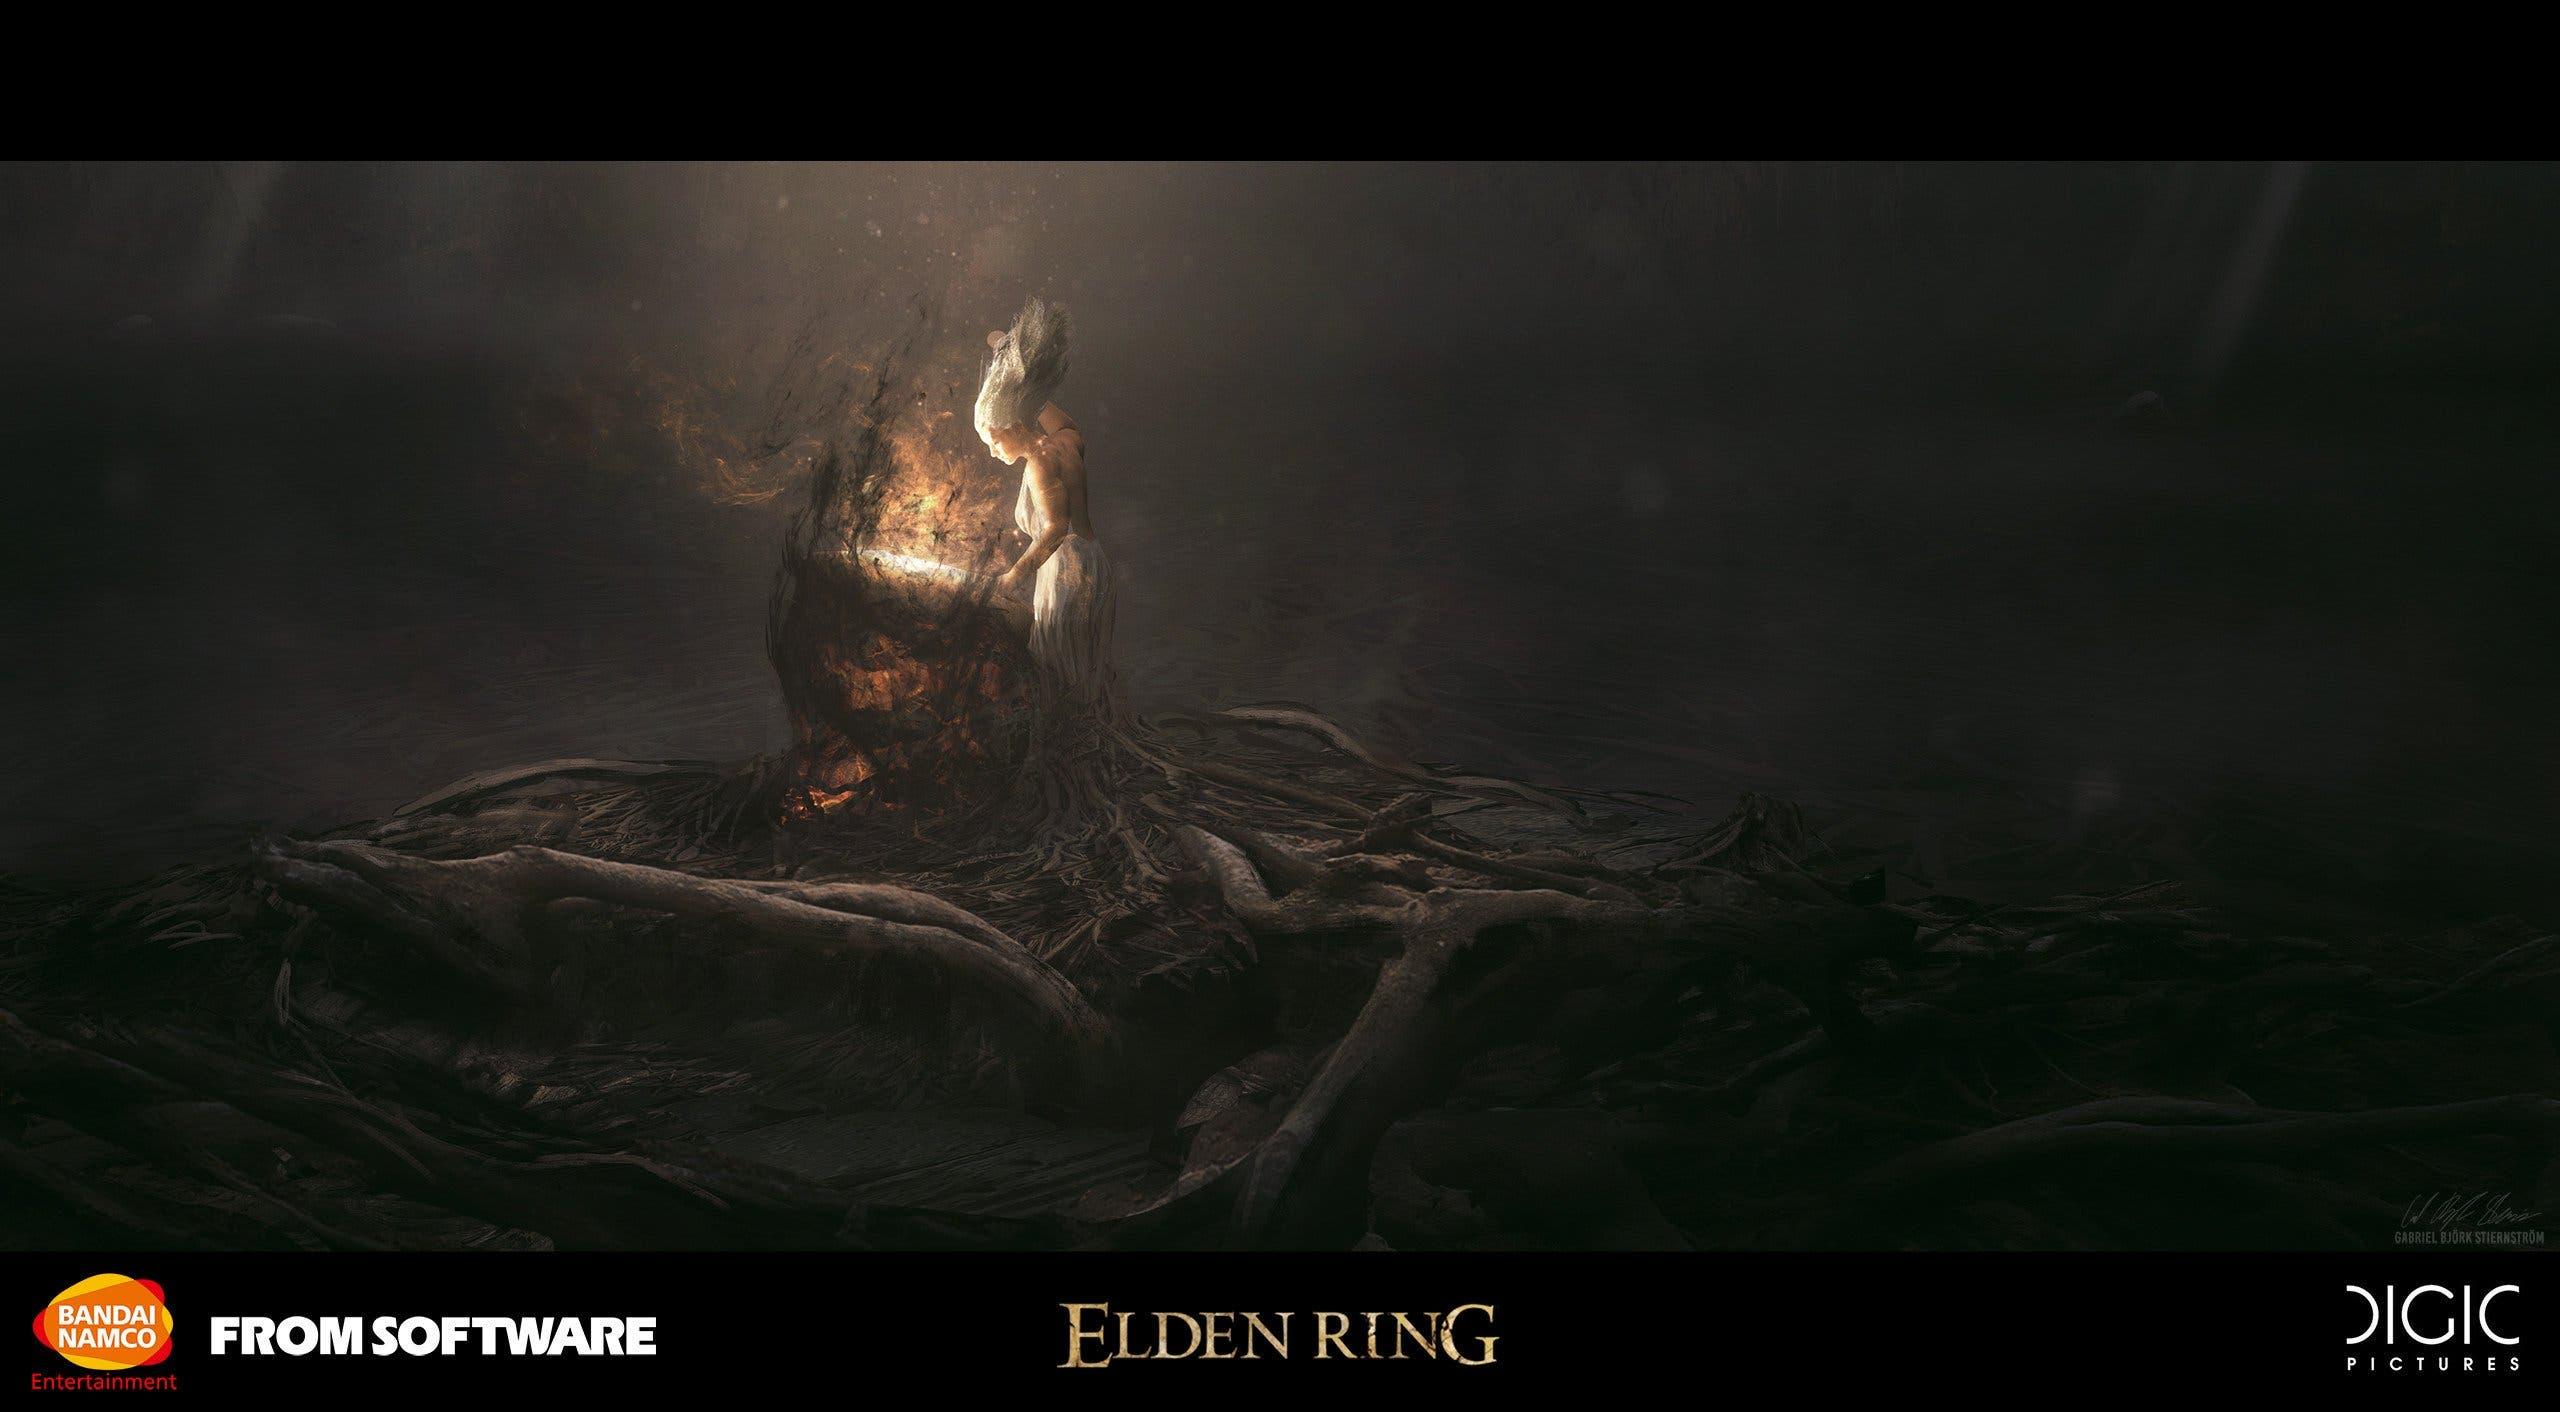 artes conceptuales de Elden Ring